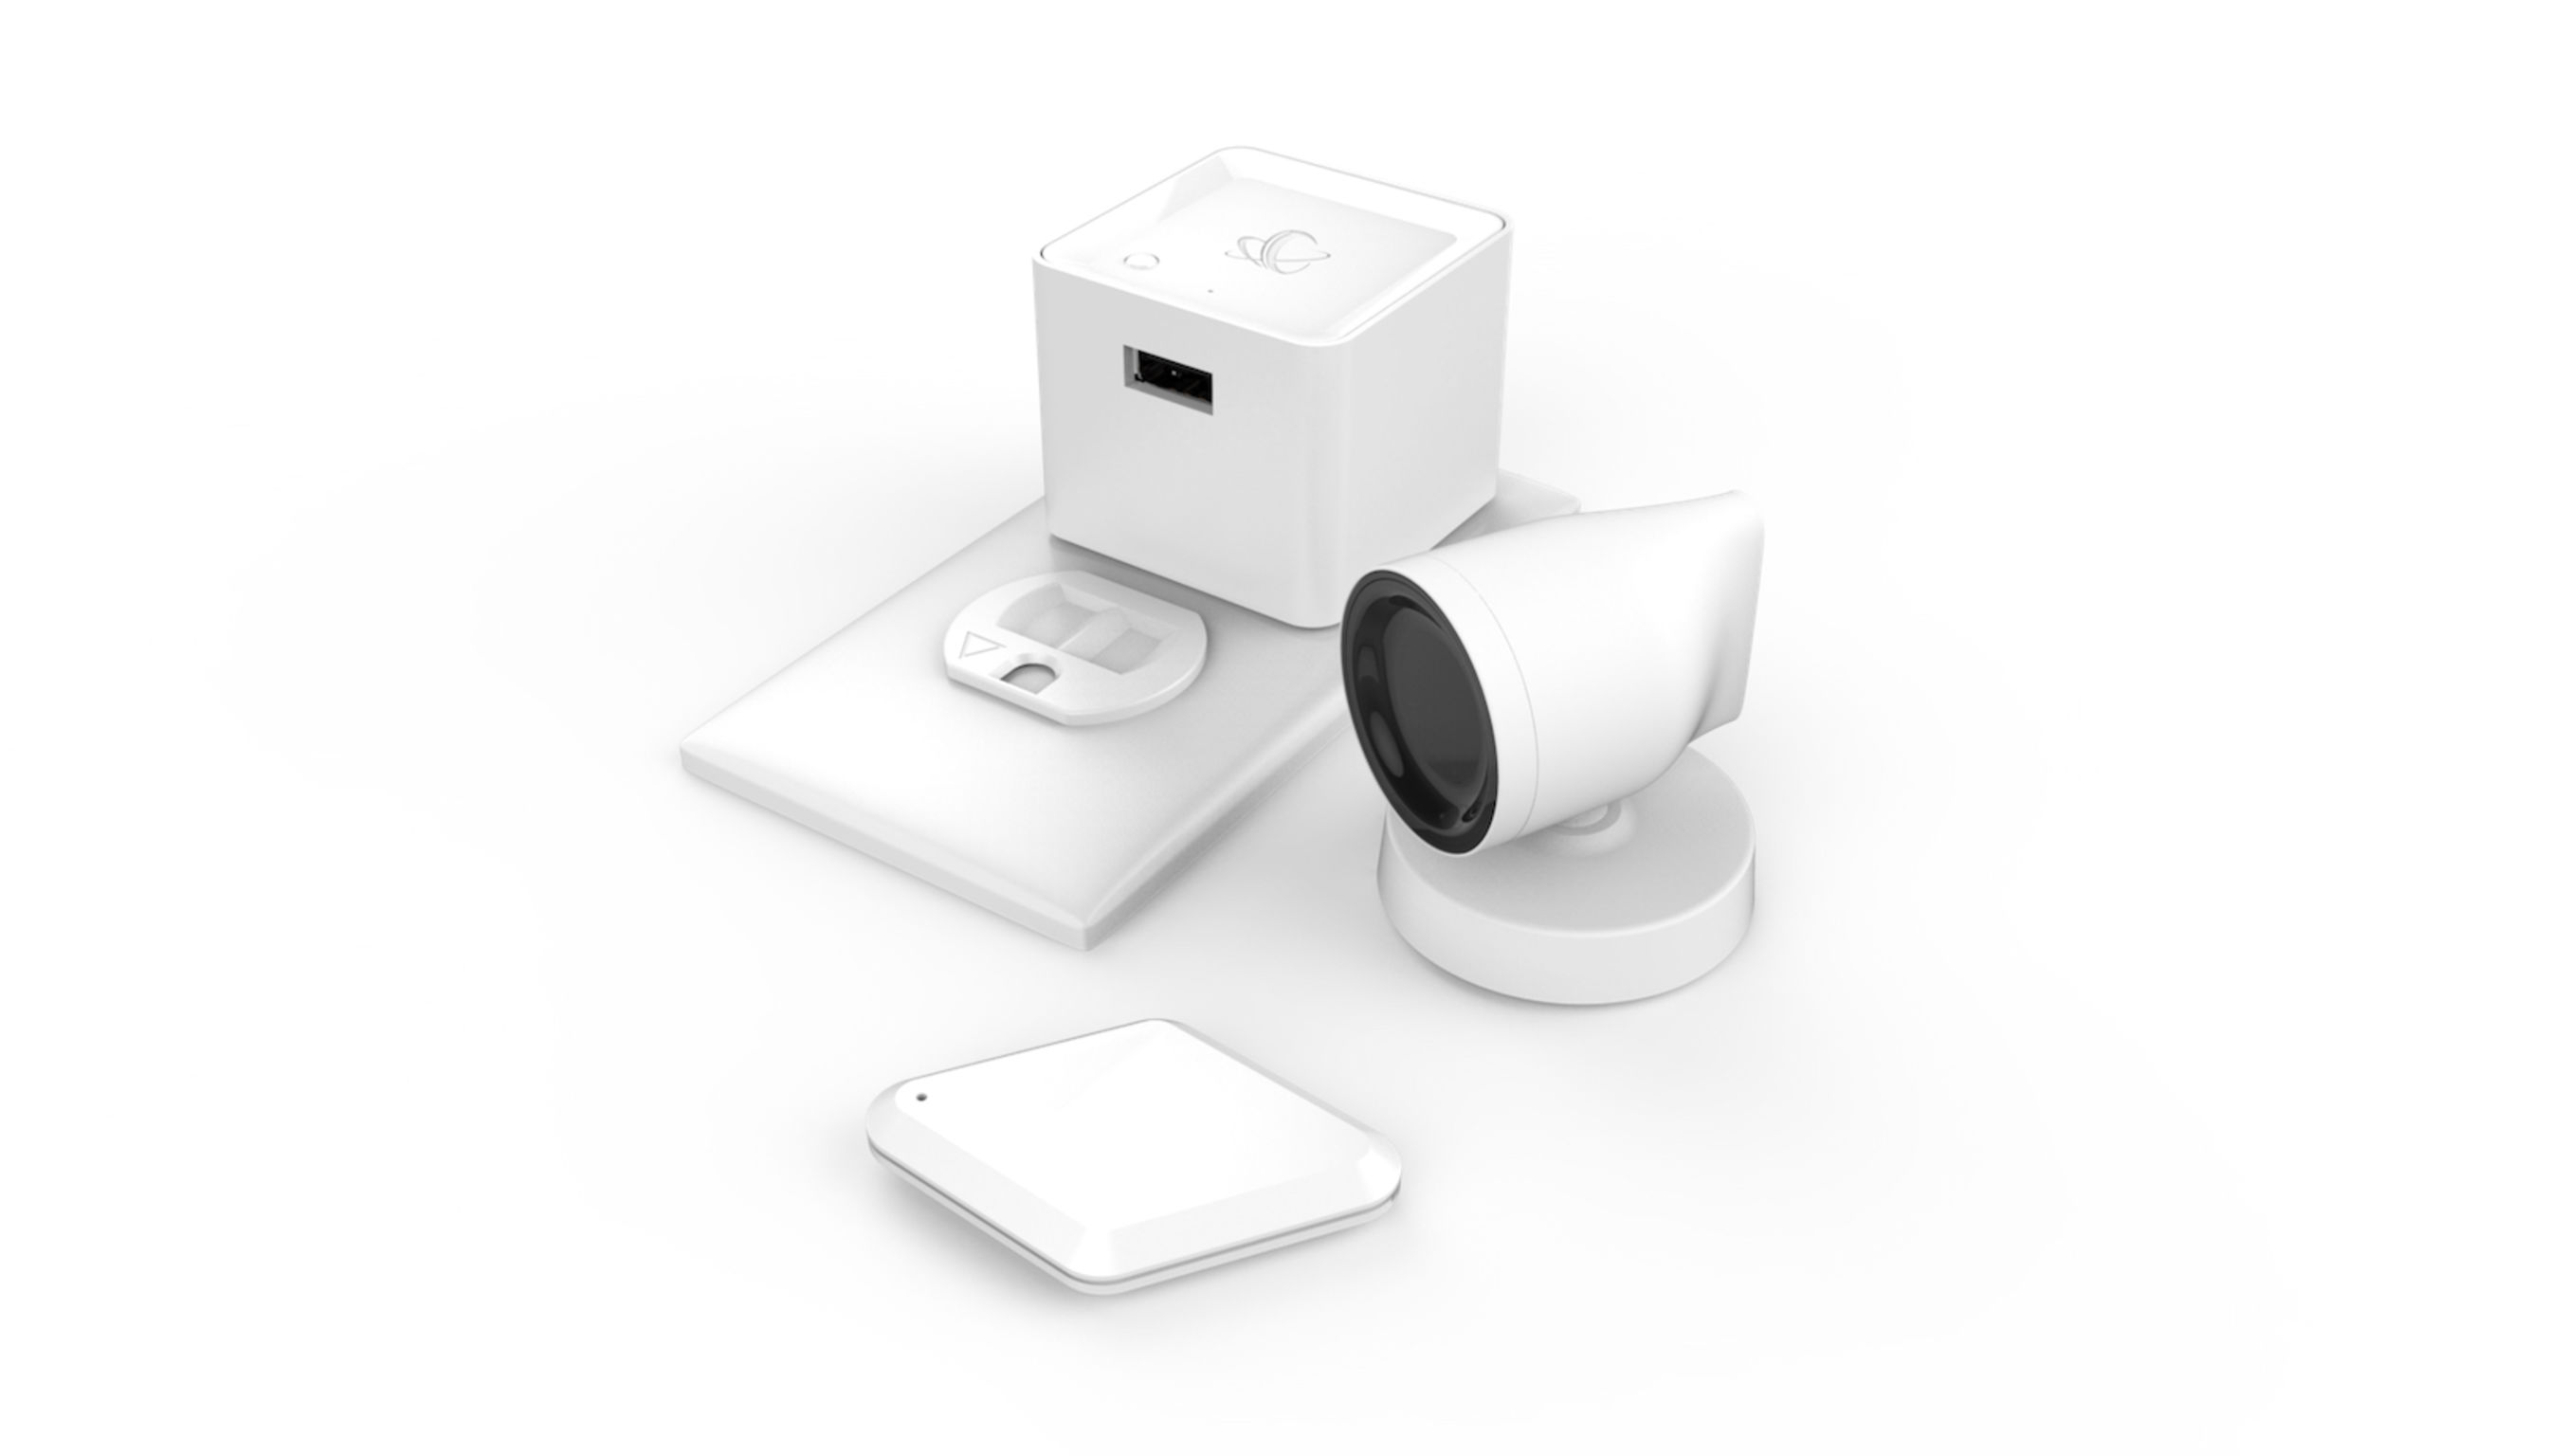 Thiết bị Cube Kết nối thông minh (Iot Gateway)